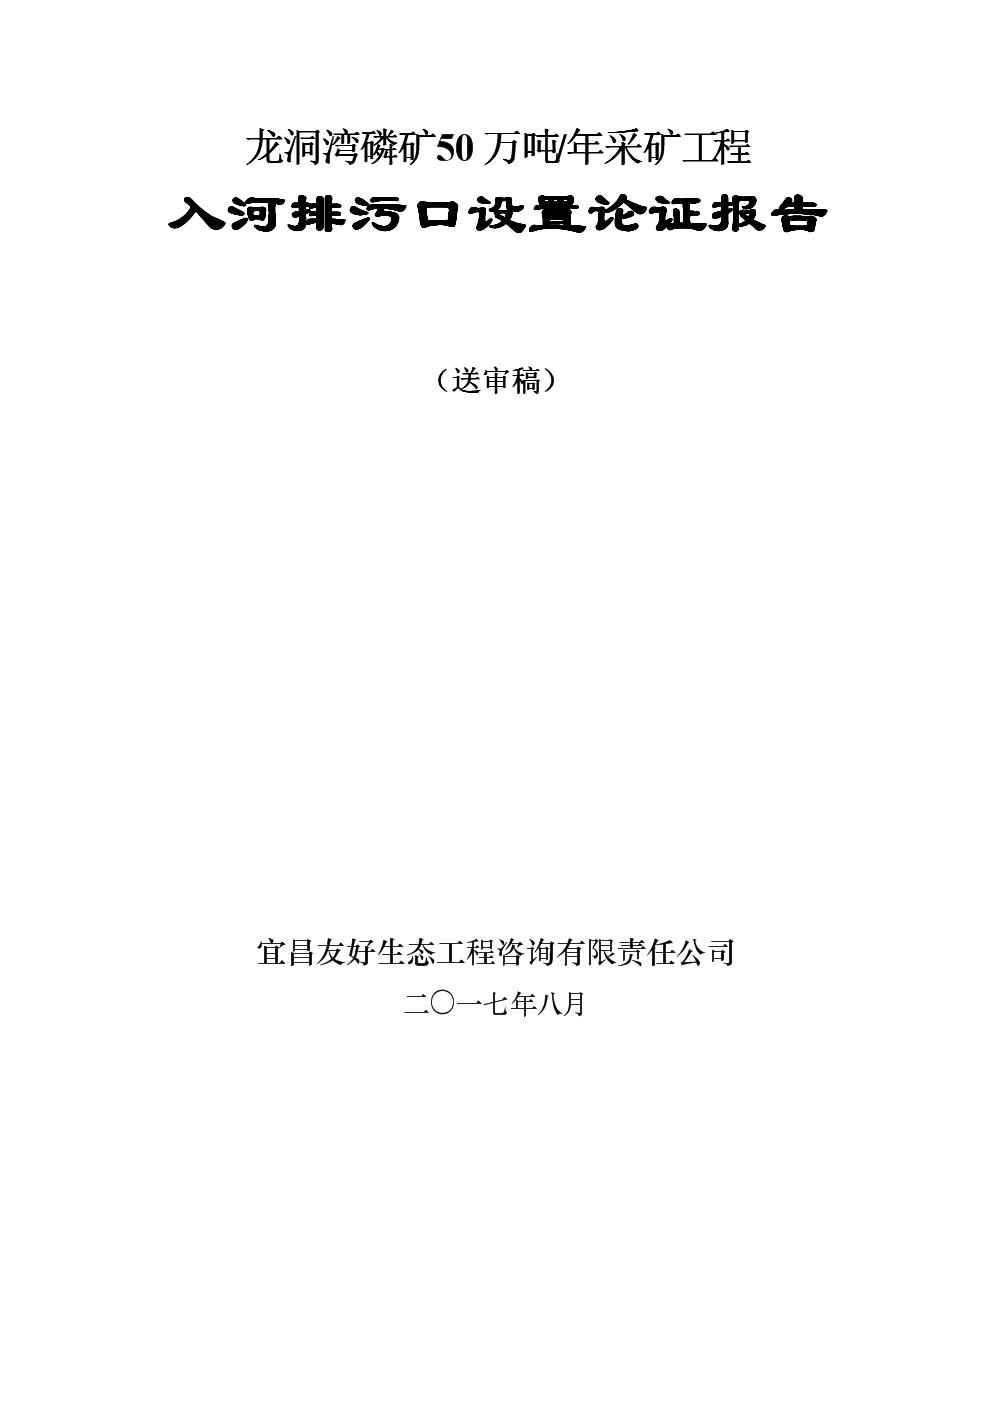 龙洞湾磷矿入排污口论证.docx